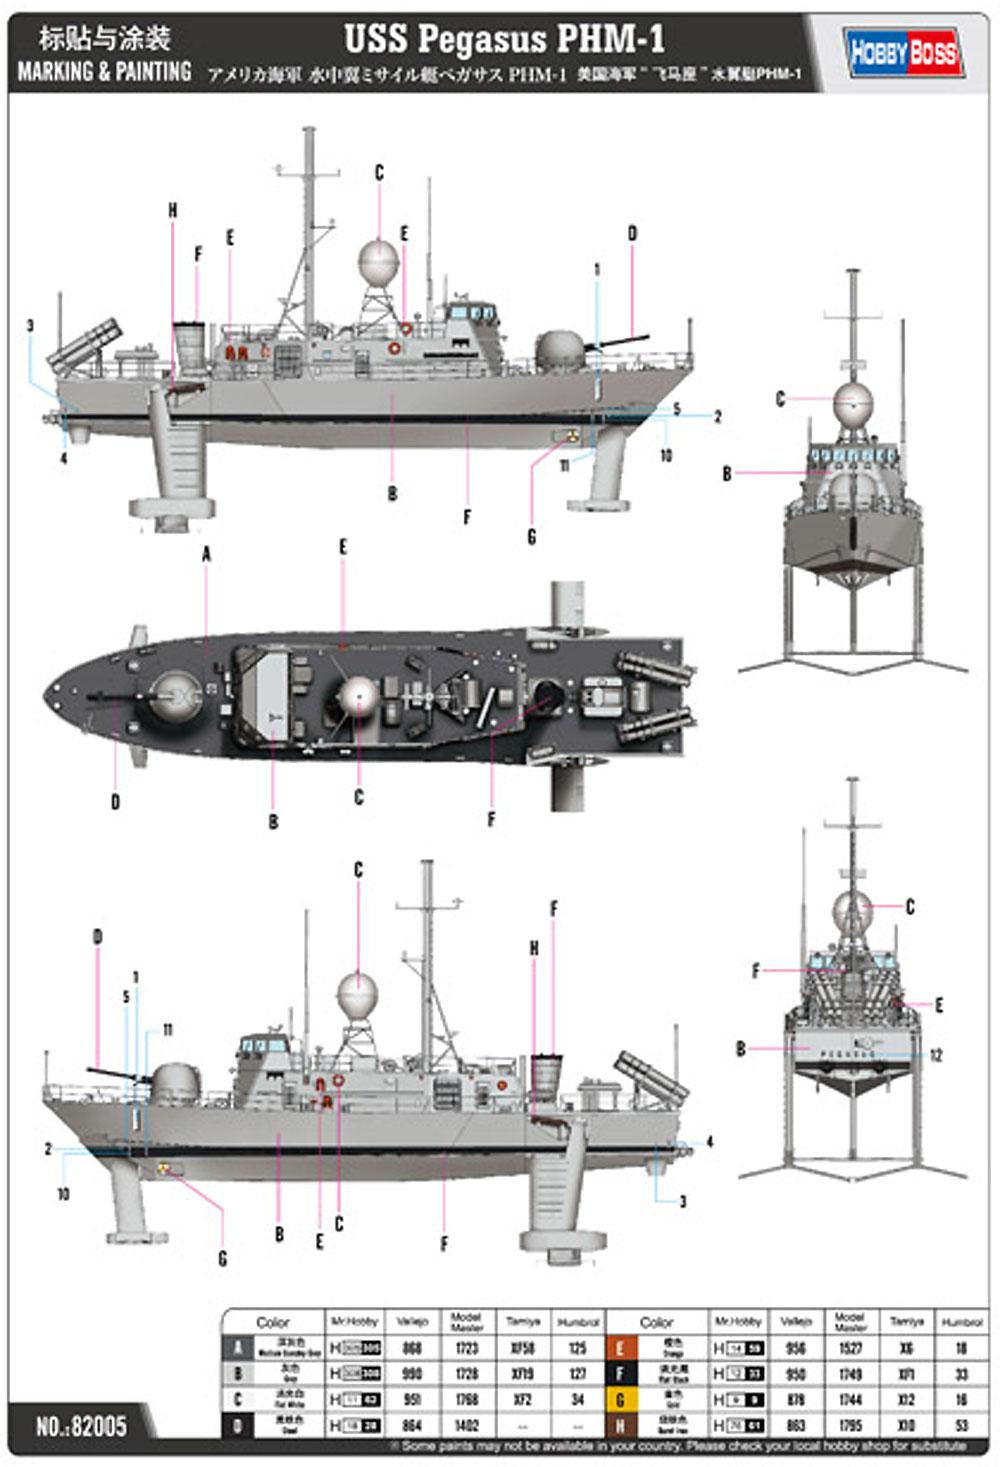 アメリカ海軍 水中翼ミサイル艇 ペガサス PHM-1プラモデル(ホビーボス1/200 潜水艦モデルNo.82005)商品画像_1